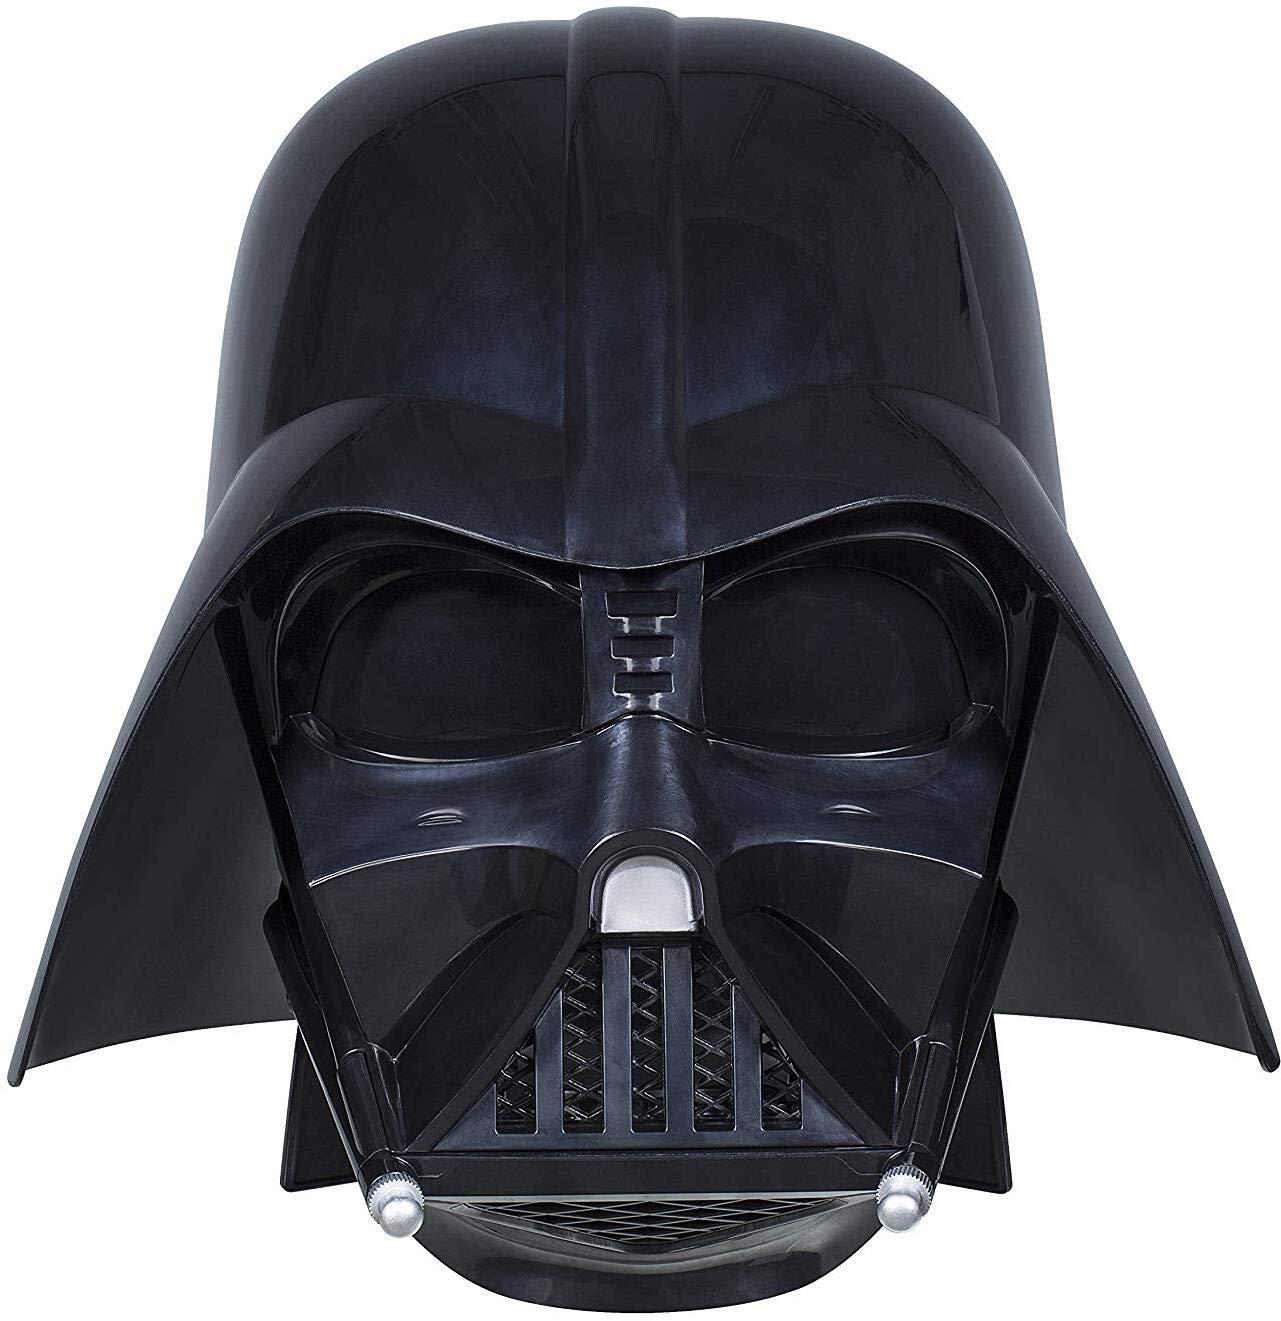 Star Wars Black Series Helmet Action Figure